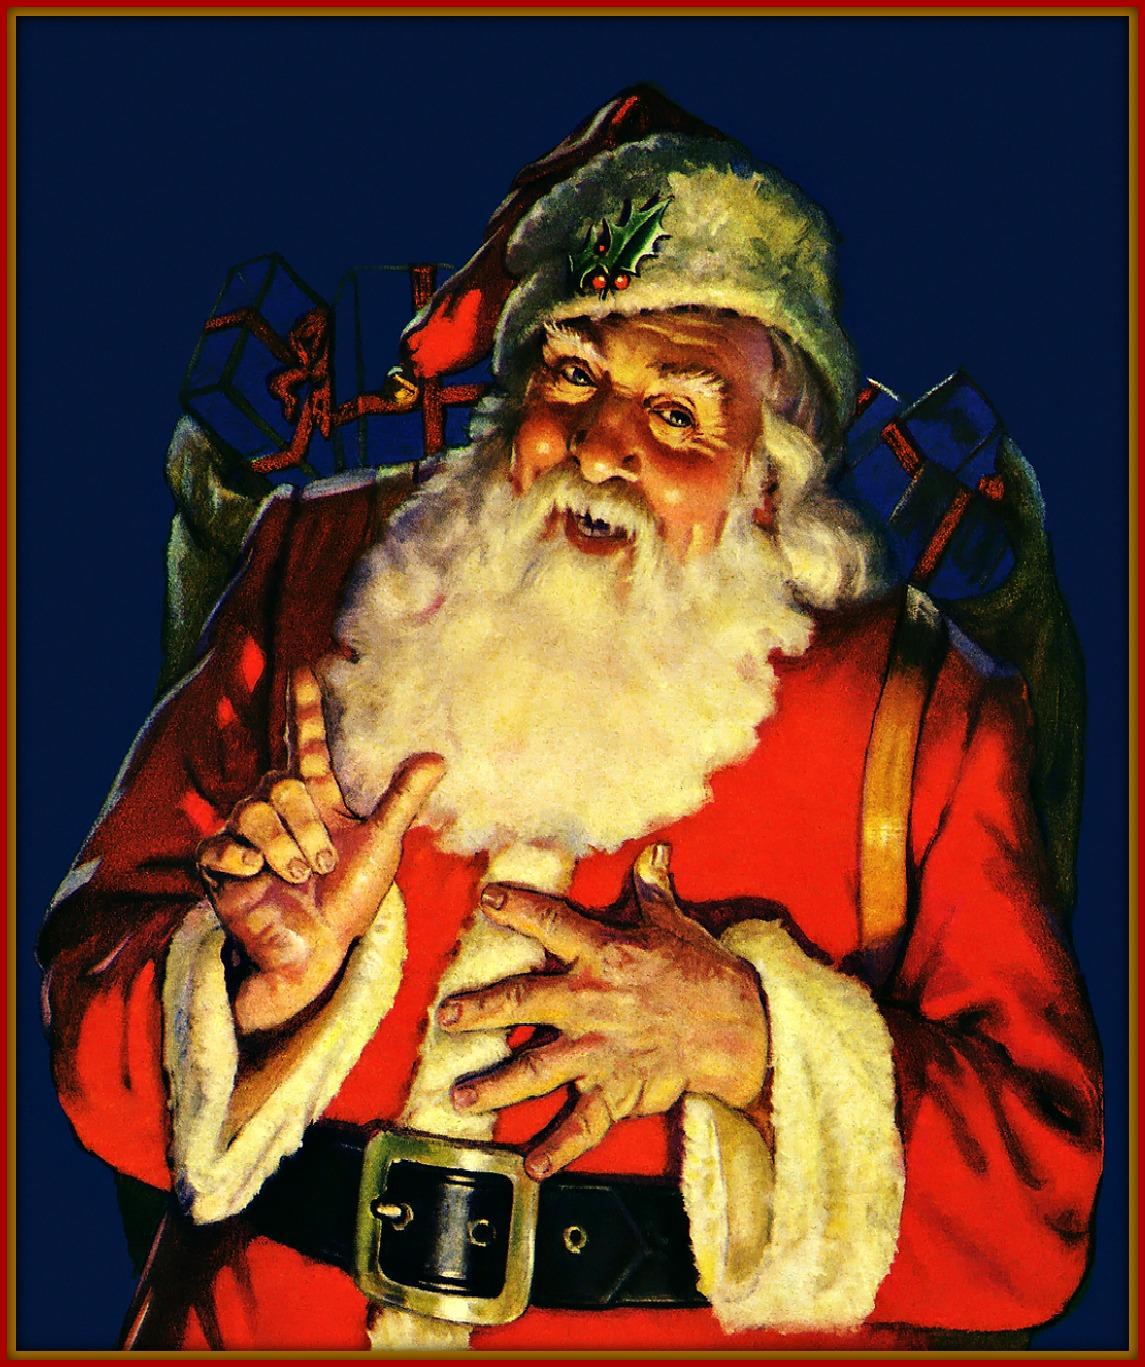 Santa's Warning Letter To Naughty Children